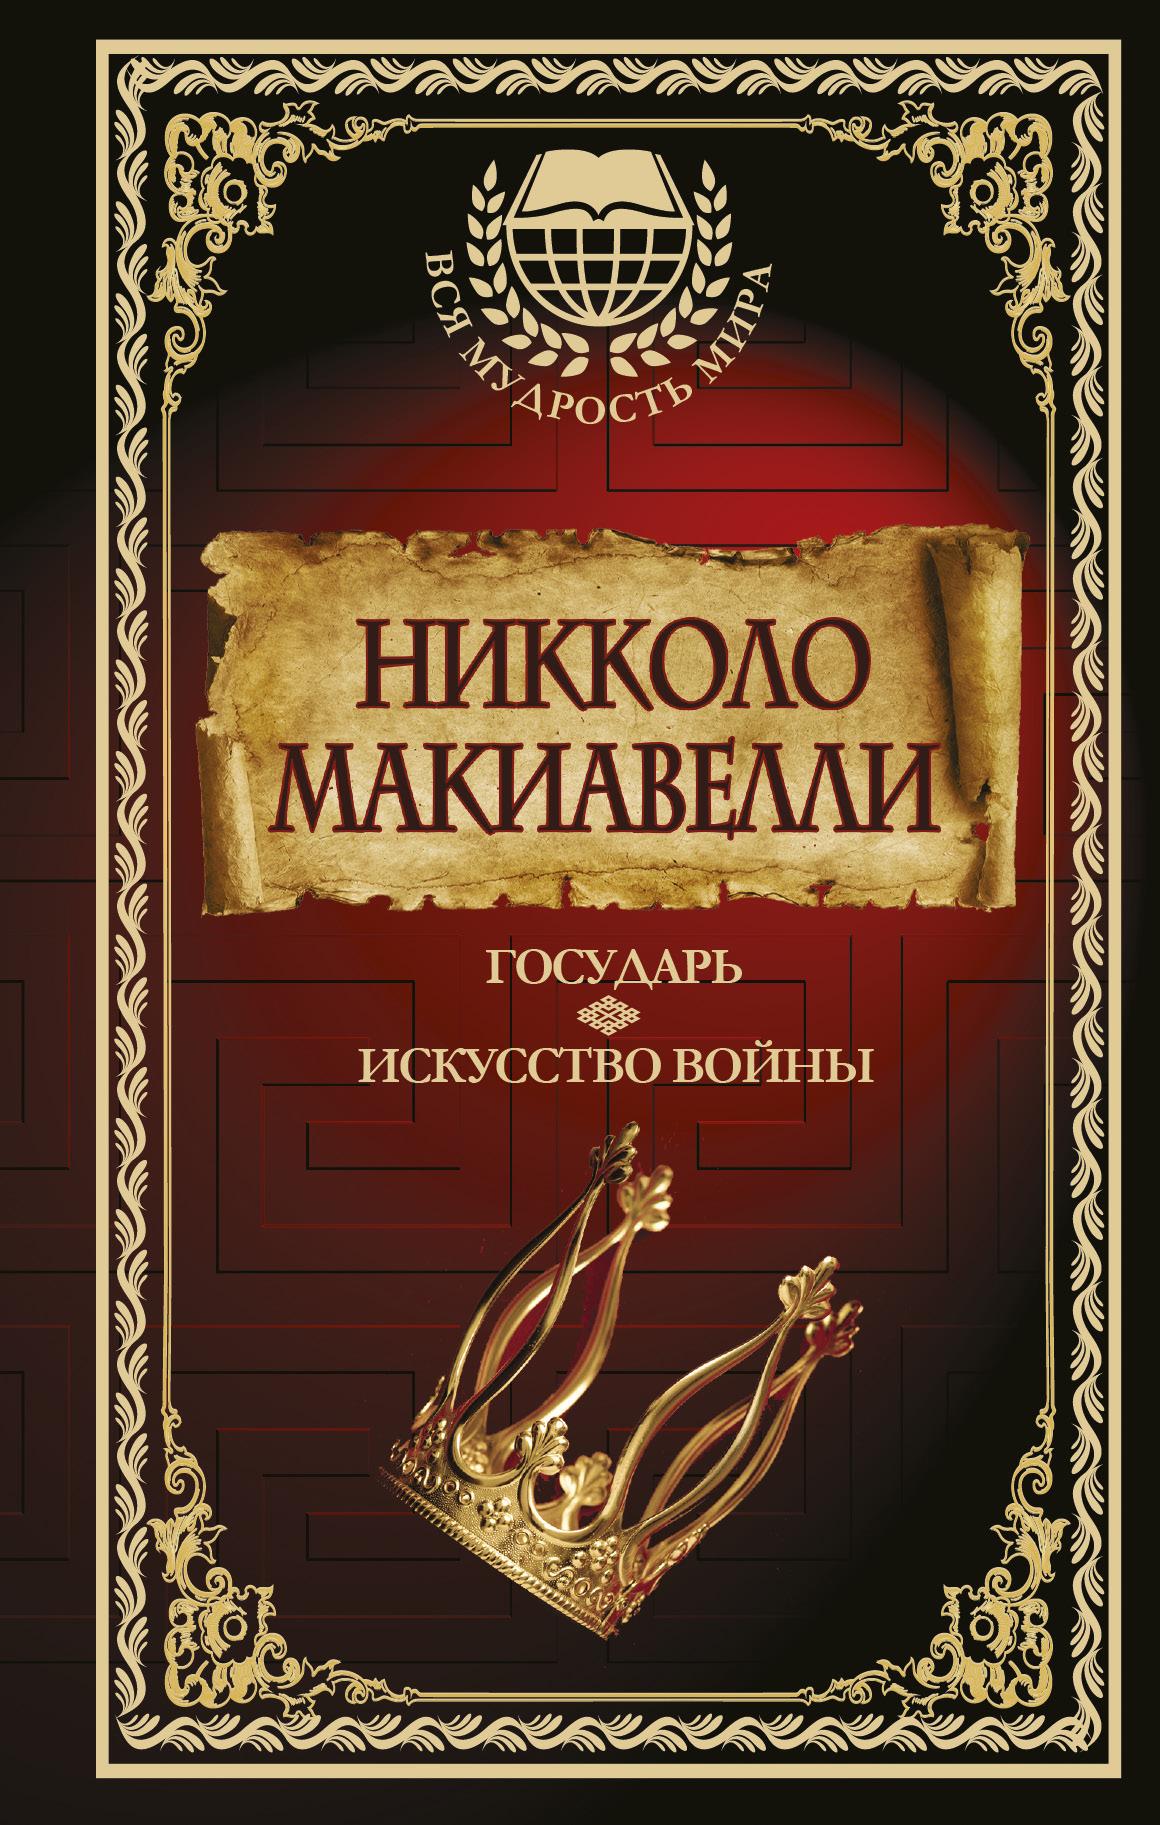 Никколо Макиавелли Государь. Искусство войны книги издательство аст государь искусство войны